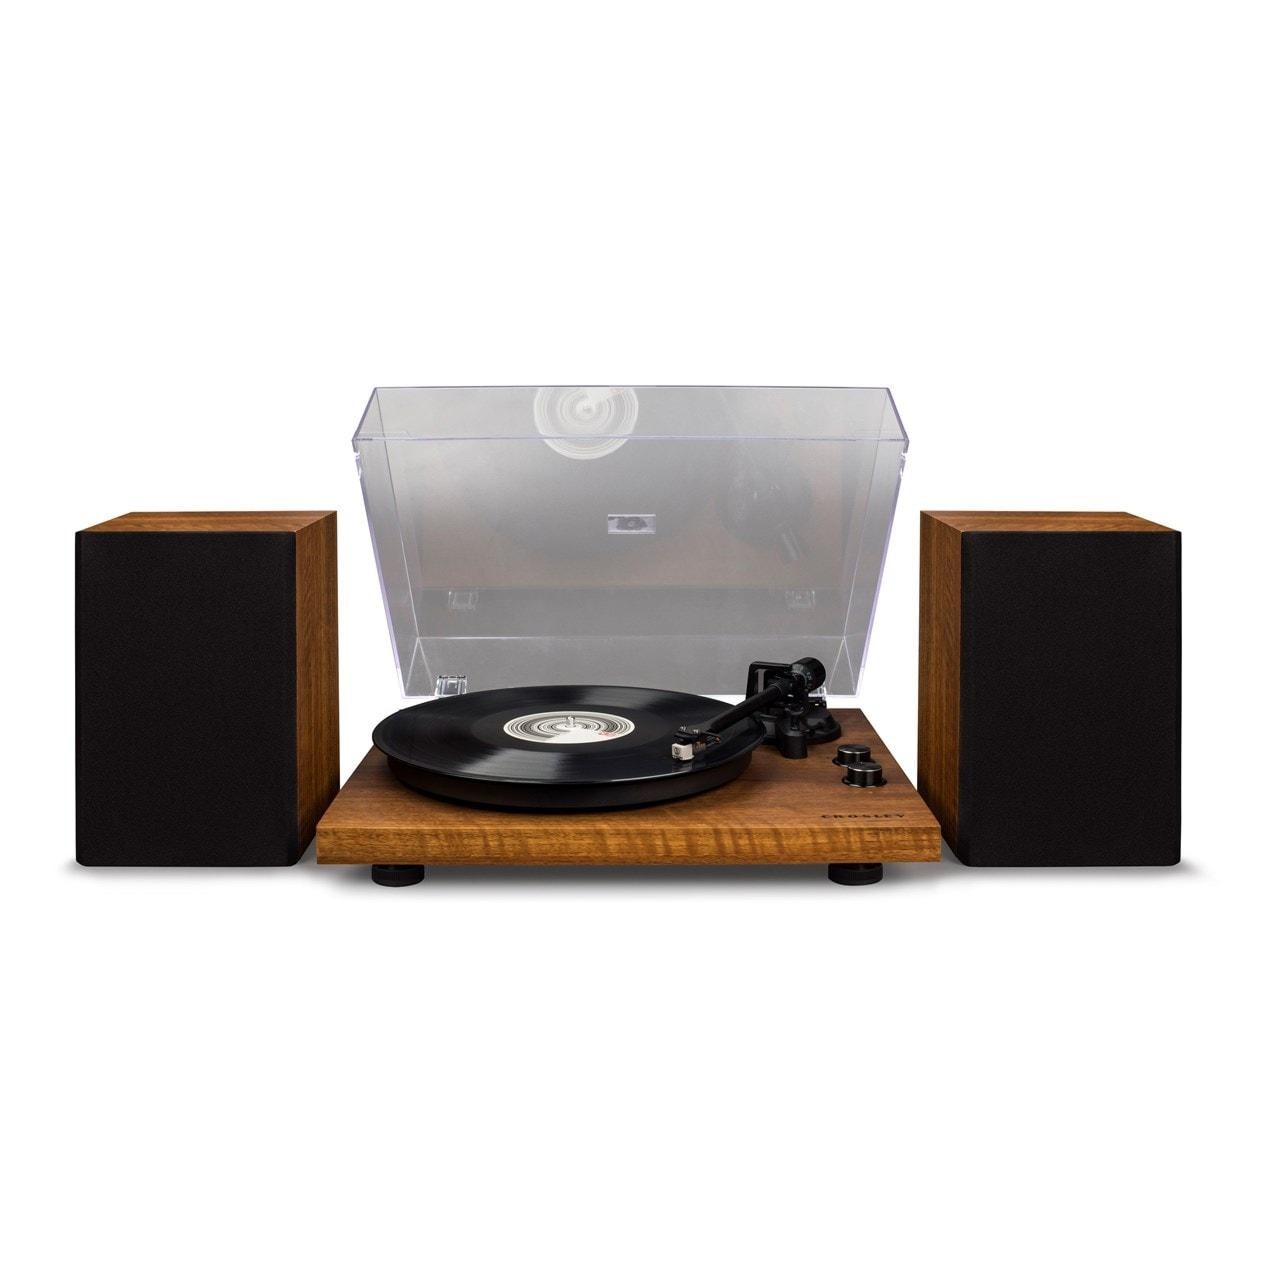 Crosley C62 Walnut Turntable & Speakers - 1